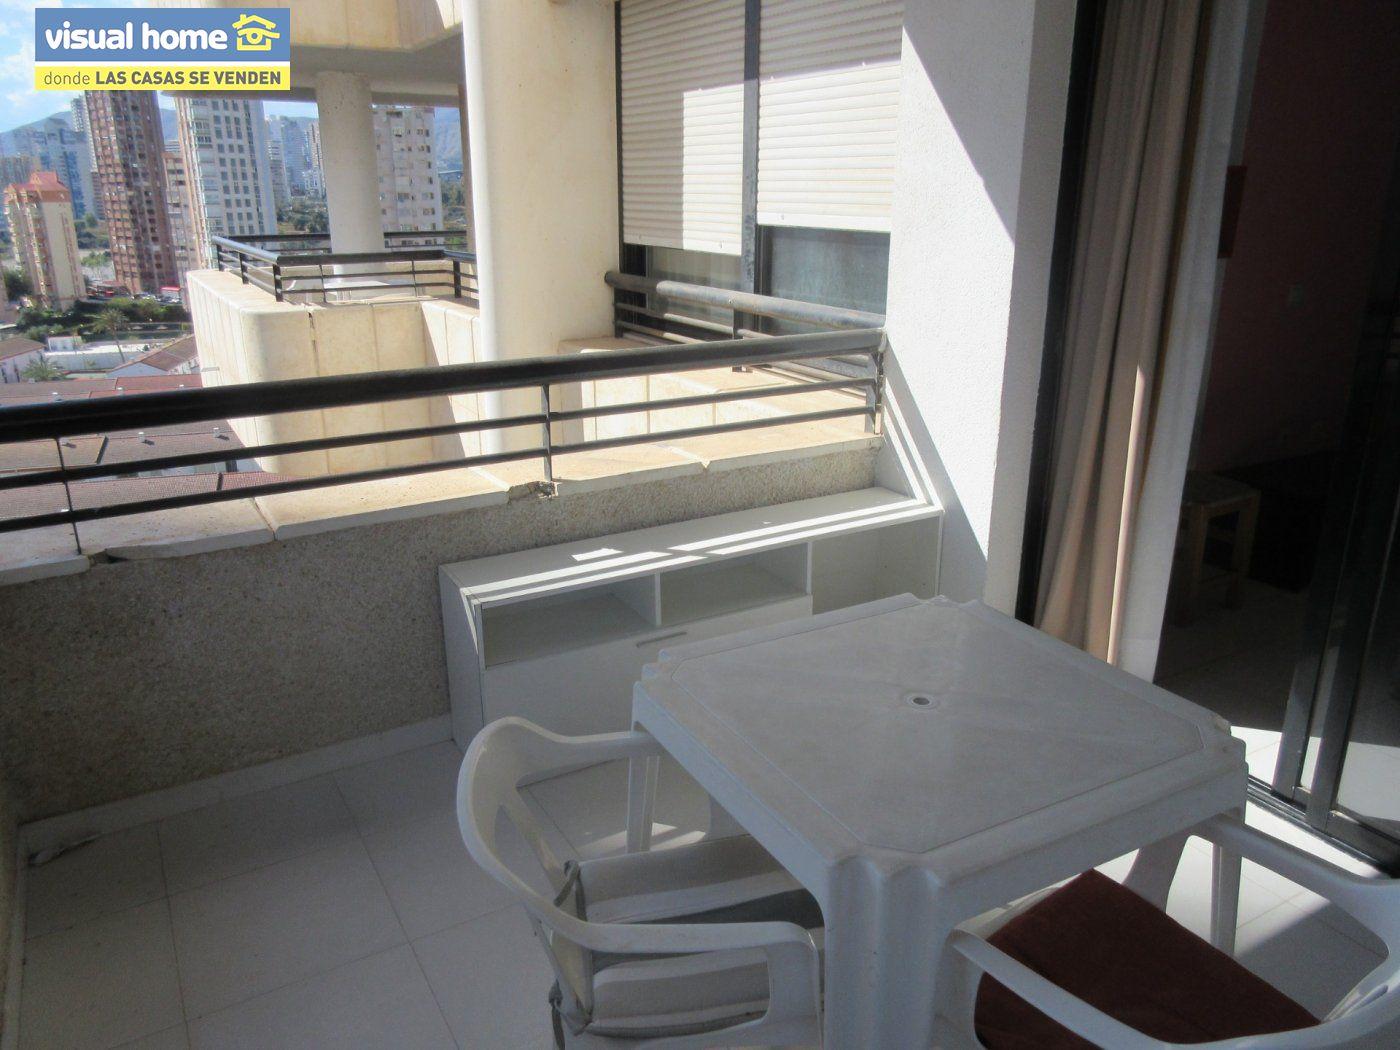 Apartamento de un dormitorio con parking y piscina en Rincón de Loix llano 2